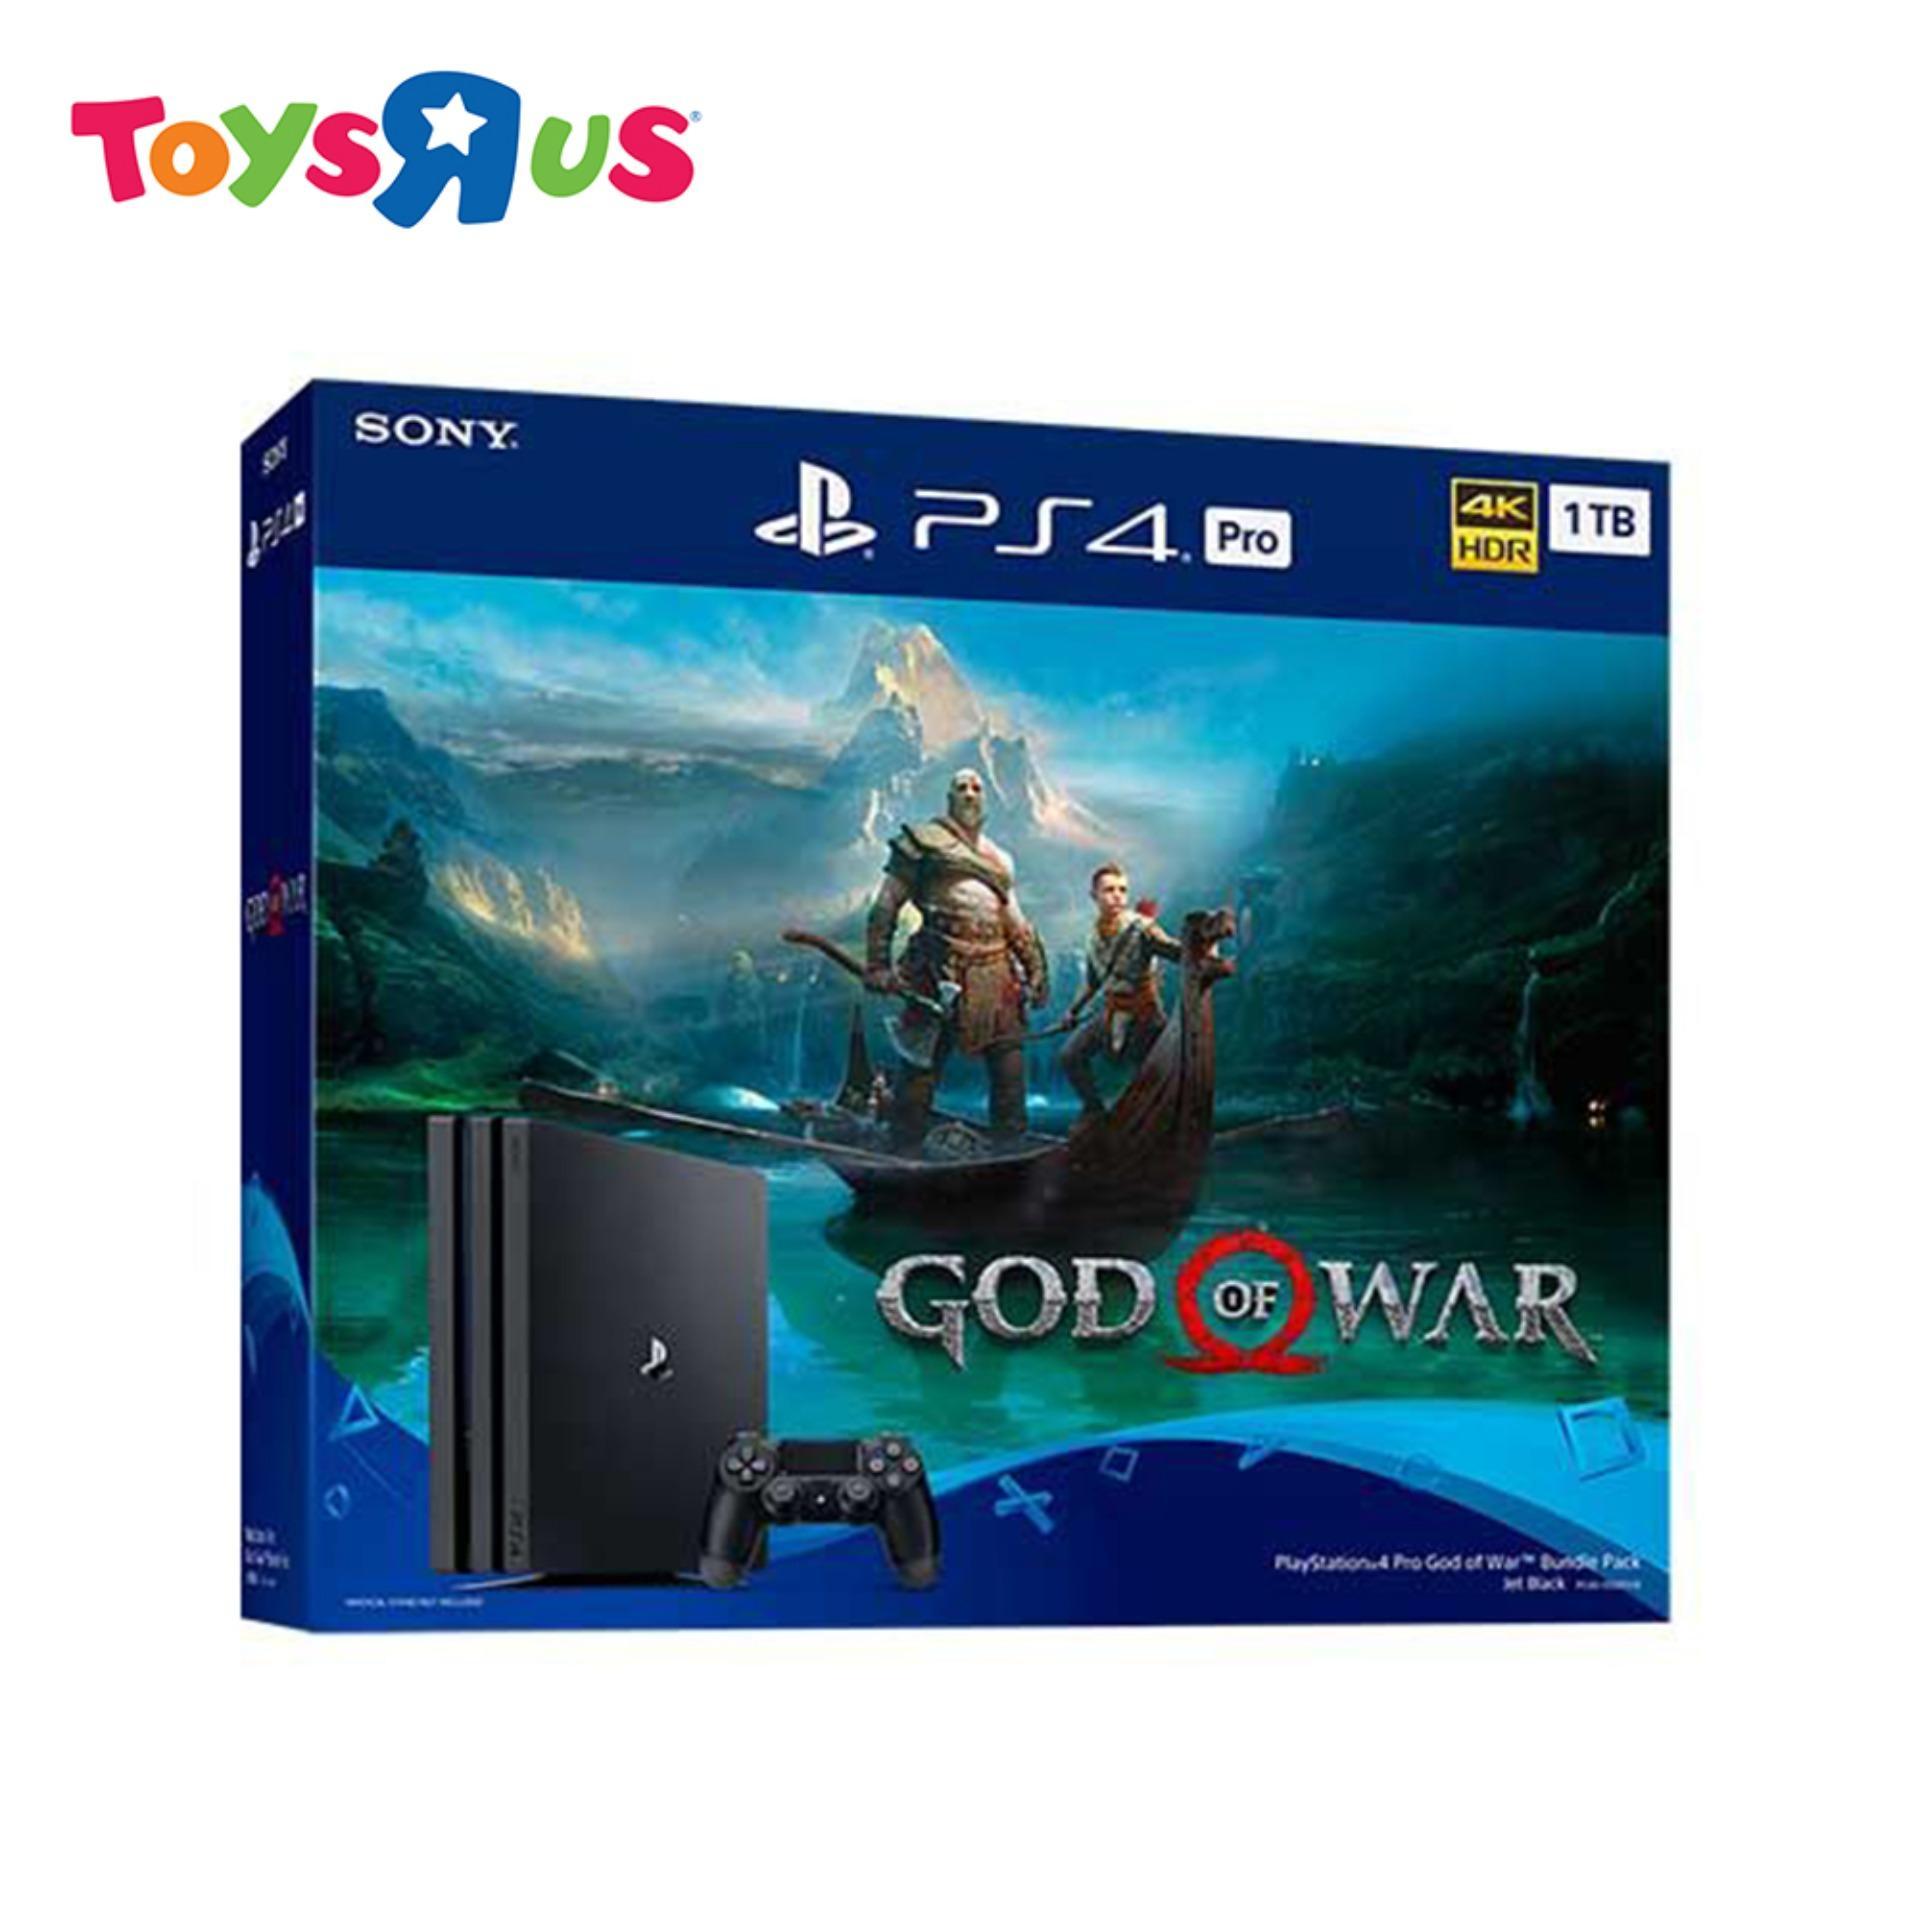 Ps4 Unit God Of War Pro 1tb Bundle Toys R Us